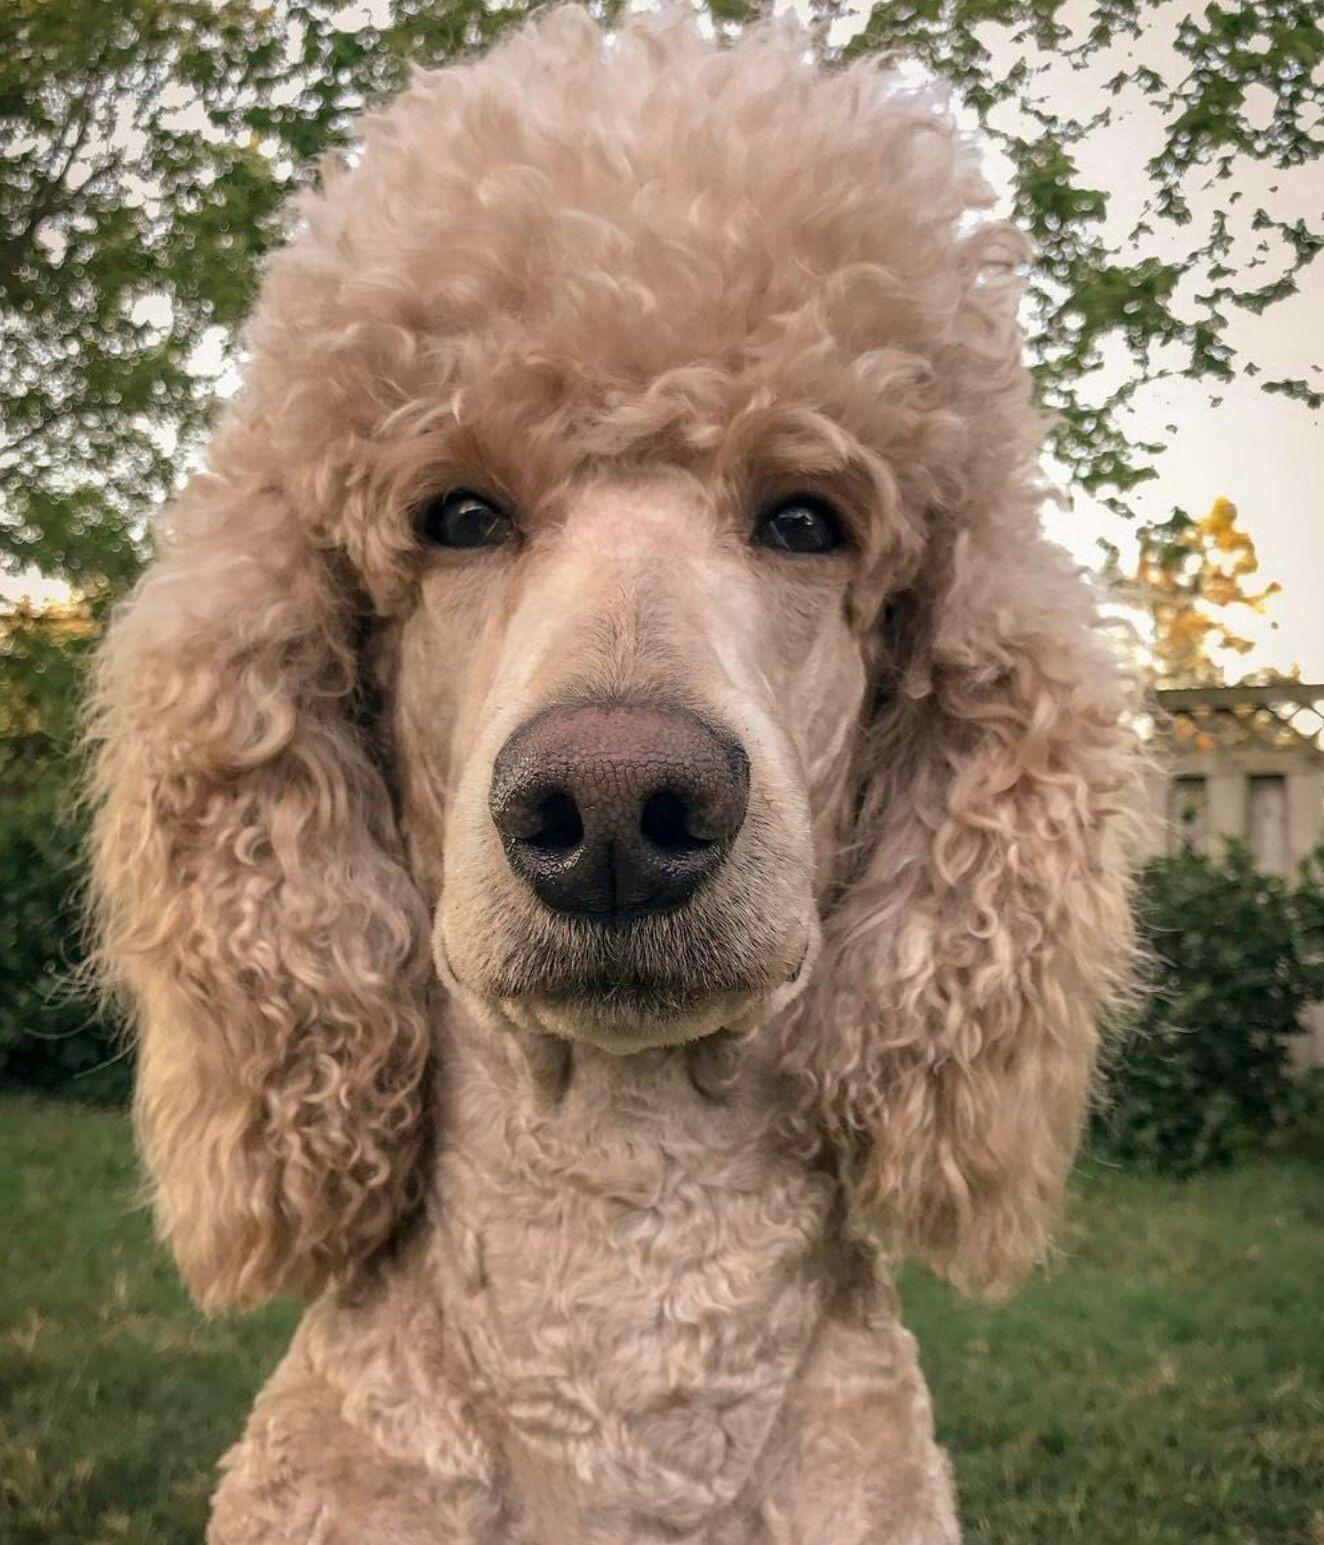 Pin By Danita Daley On Pretty Poodles Dog Dye Poodle Pets